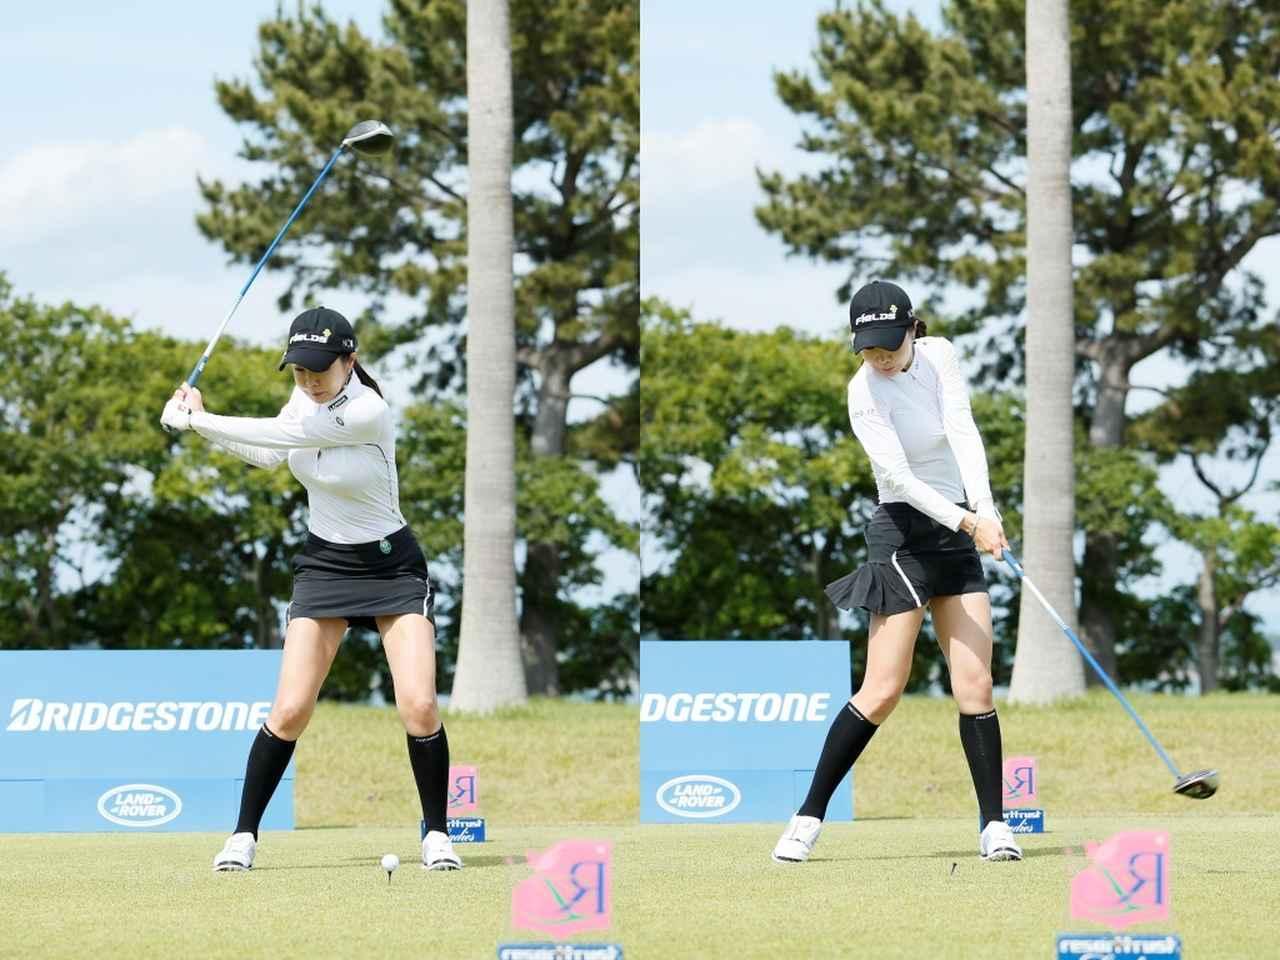 画像: 切り返しで左のひざをアドレスの位置に戻し、そこから地面を踏みしめることでボールをつかまえていく(写真は2019年のリゾートトラストレディス 撮影/小林司)